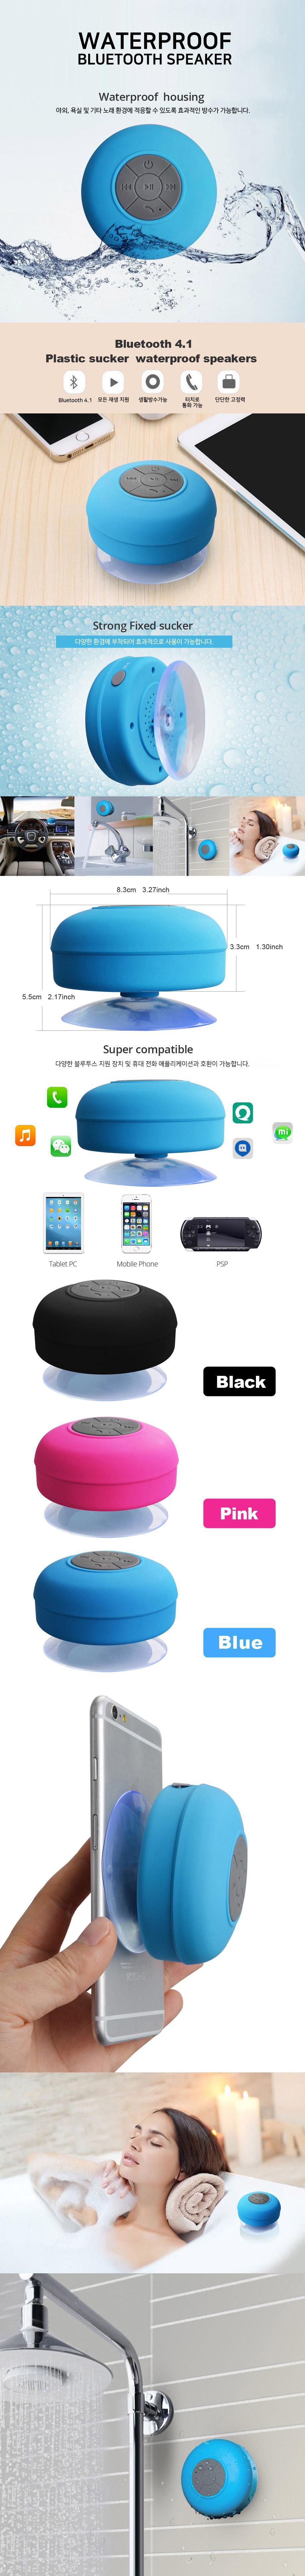 acro_waterproof_bluetooth_speaker.jpg